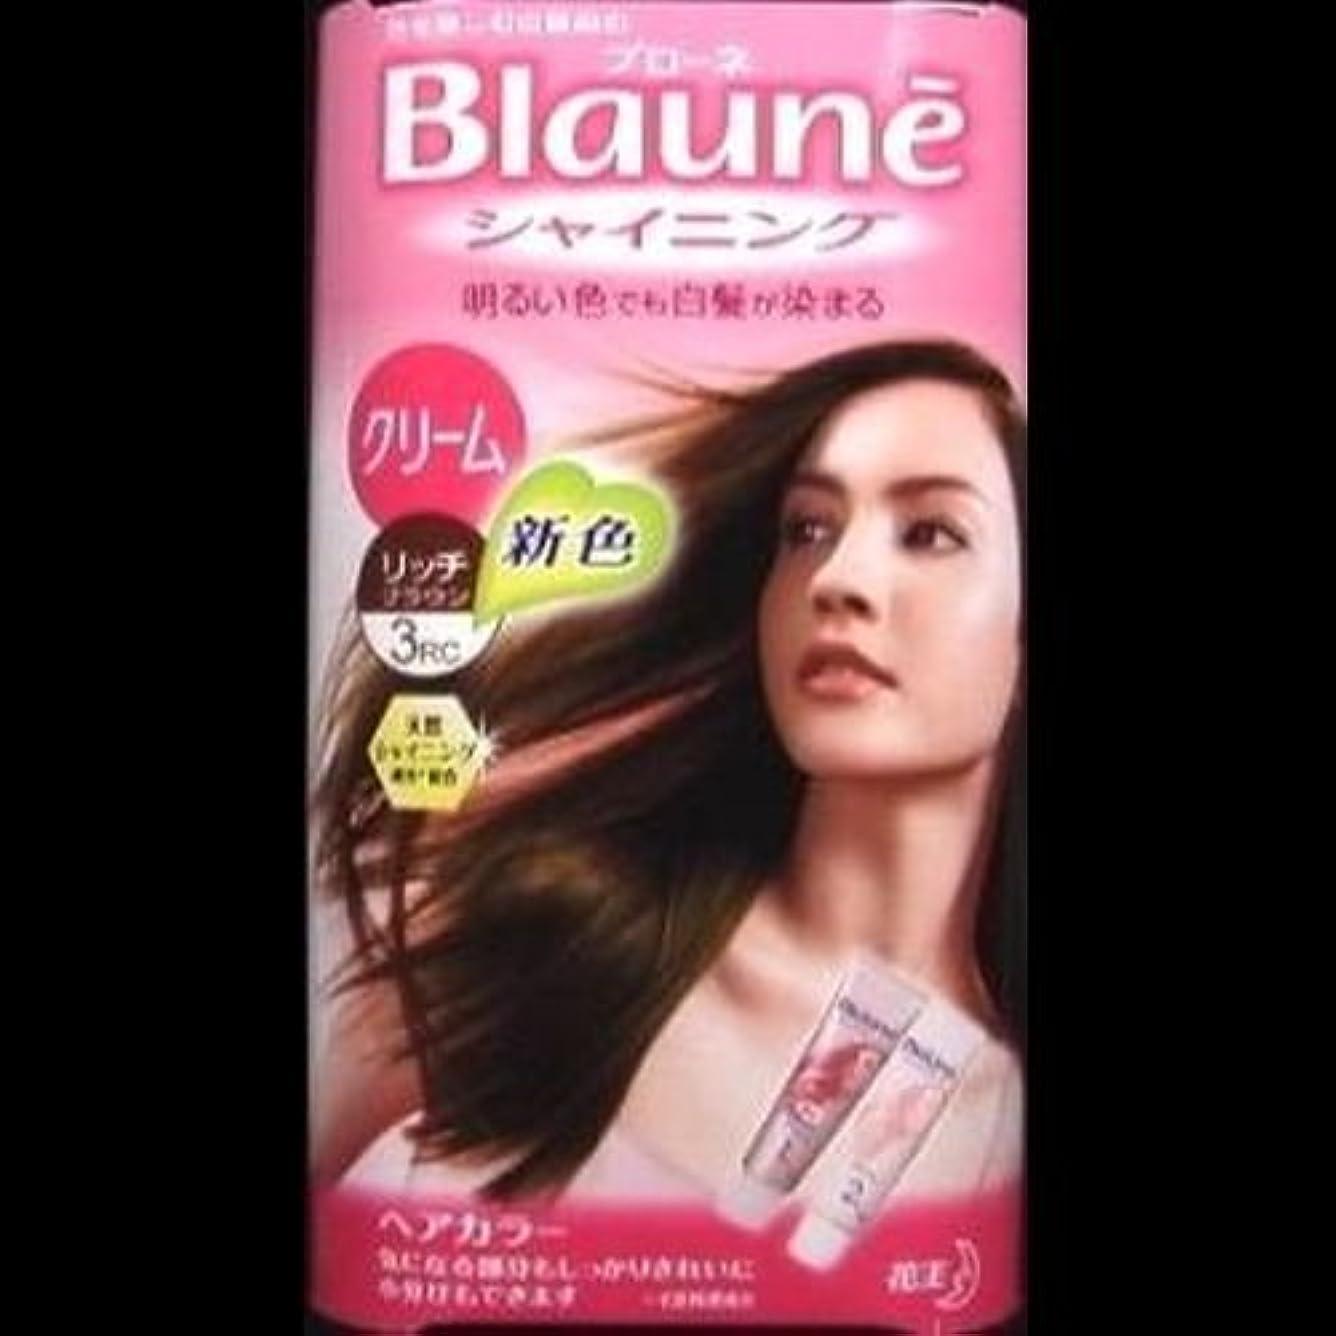 略語ネックレス重要【まとめ買い】ブローネシャイニングヘアカラークリーム 3RC リッチブラウン ×2セット